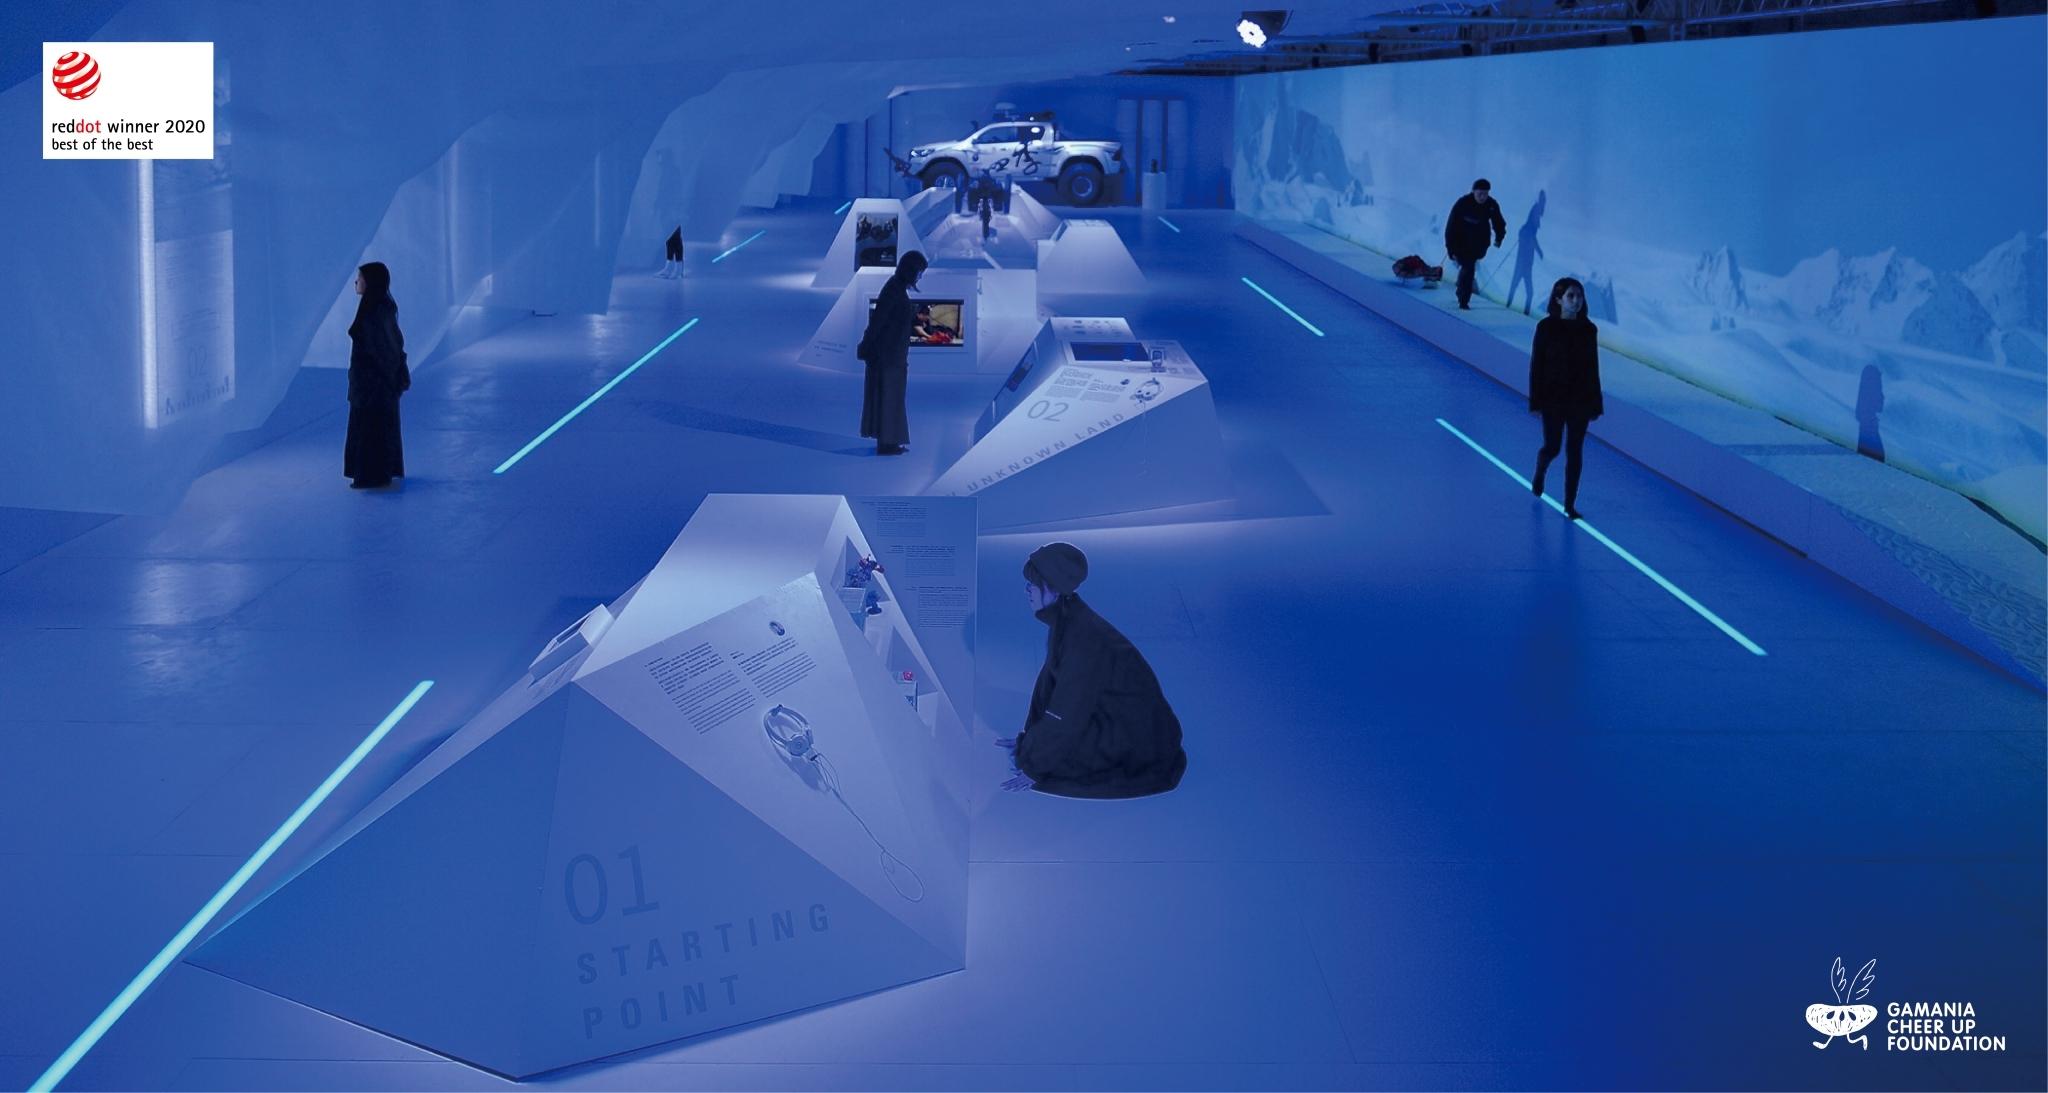 台灣史上第一個南極冒險展  奪2020德國紅點最佳設計獎